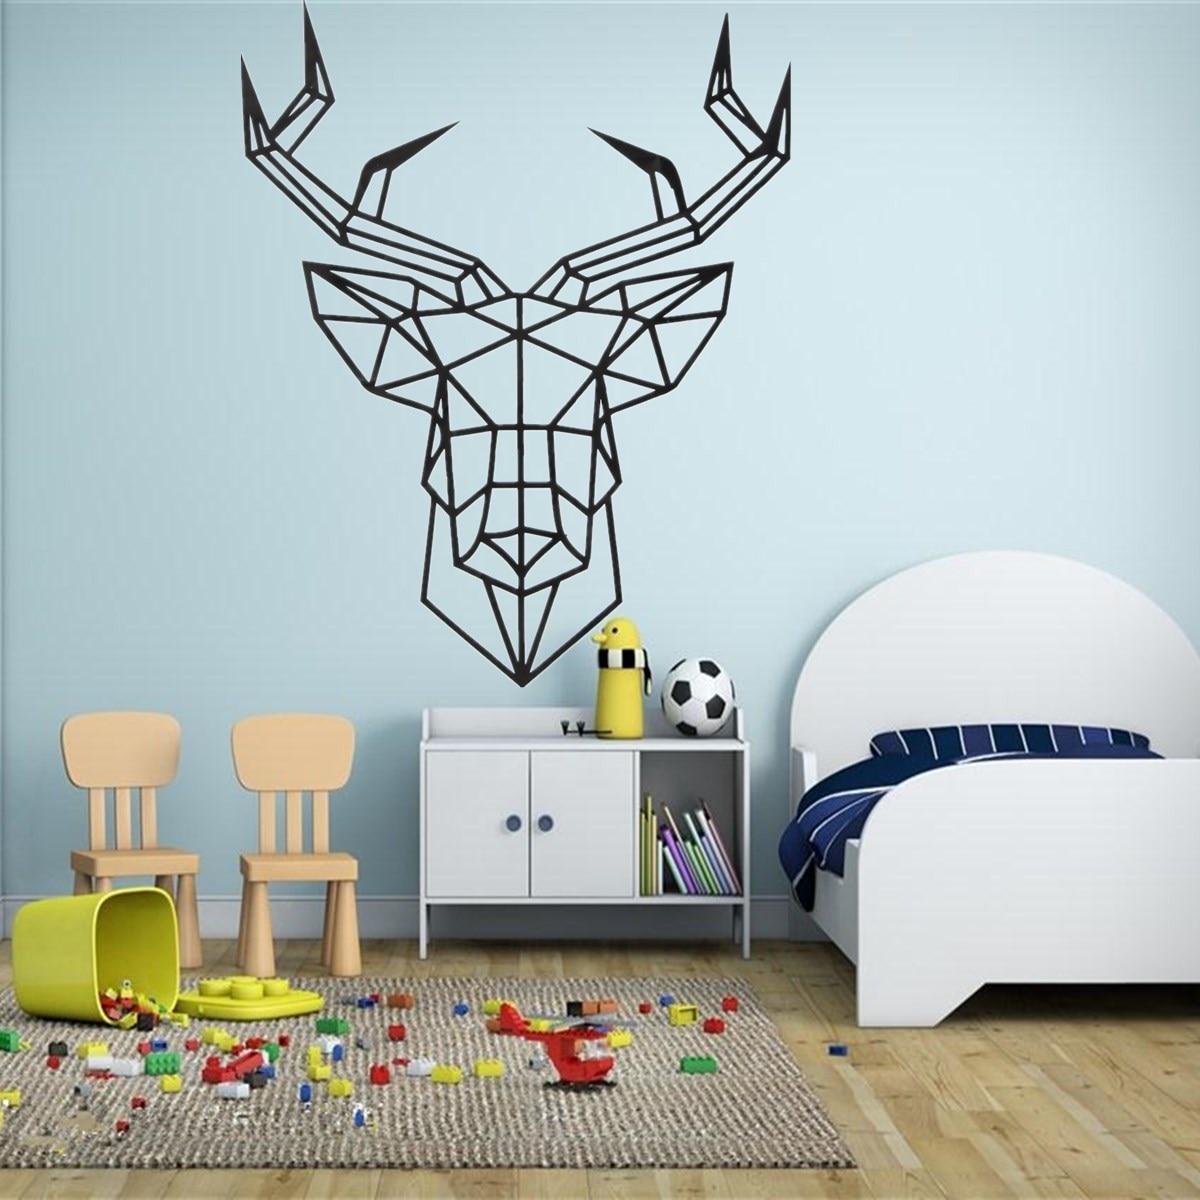 Online Get Cheap Custom Vinyl Sticker Aliexpresscom Alibaba Group - Custom vinyl wall decals cheap